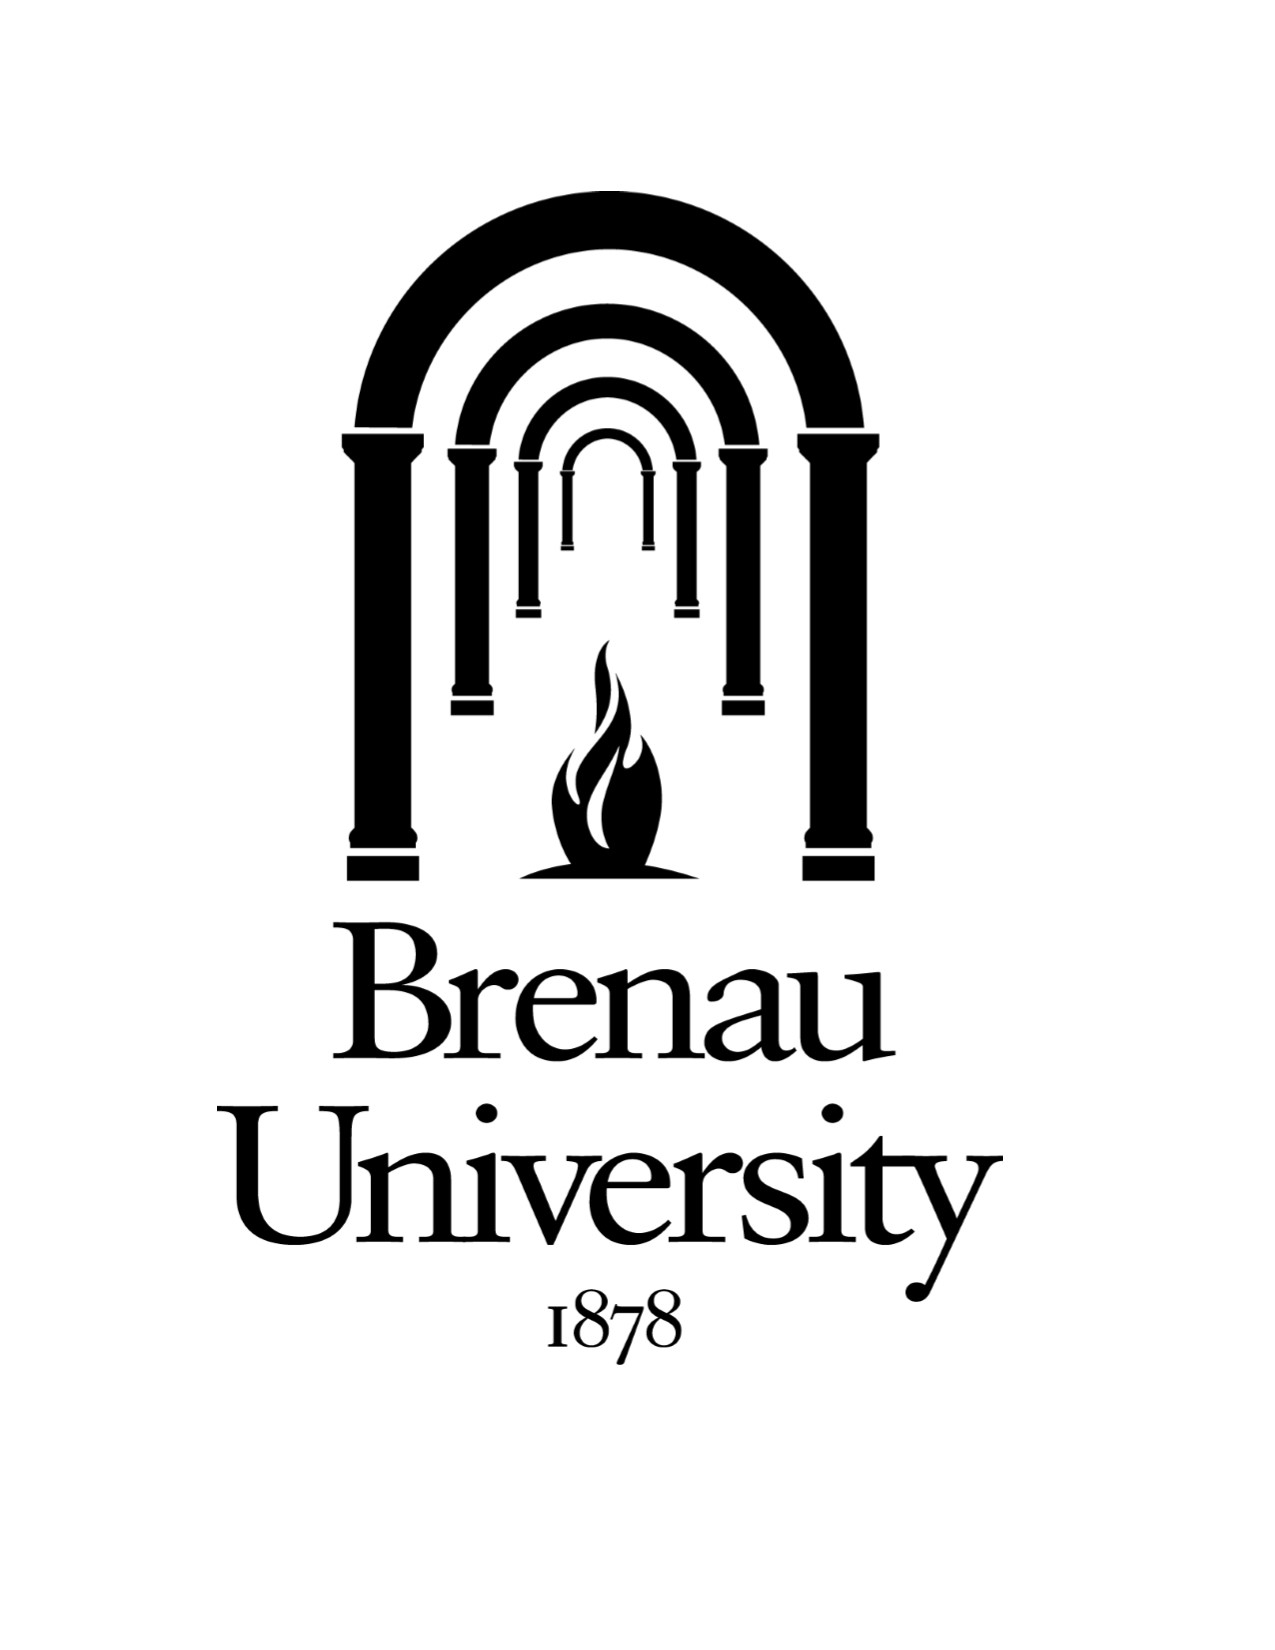 Brenau